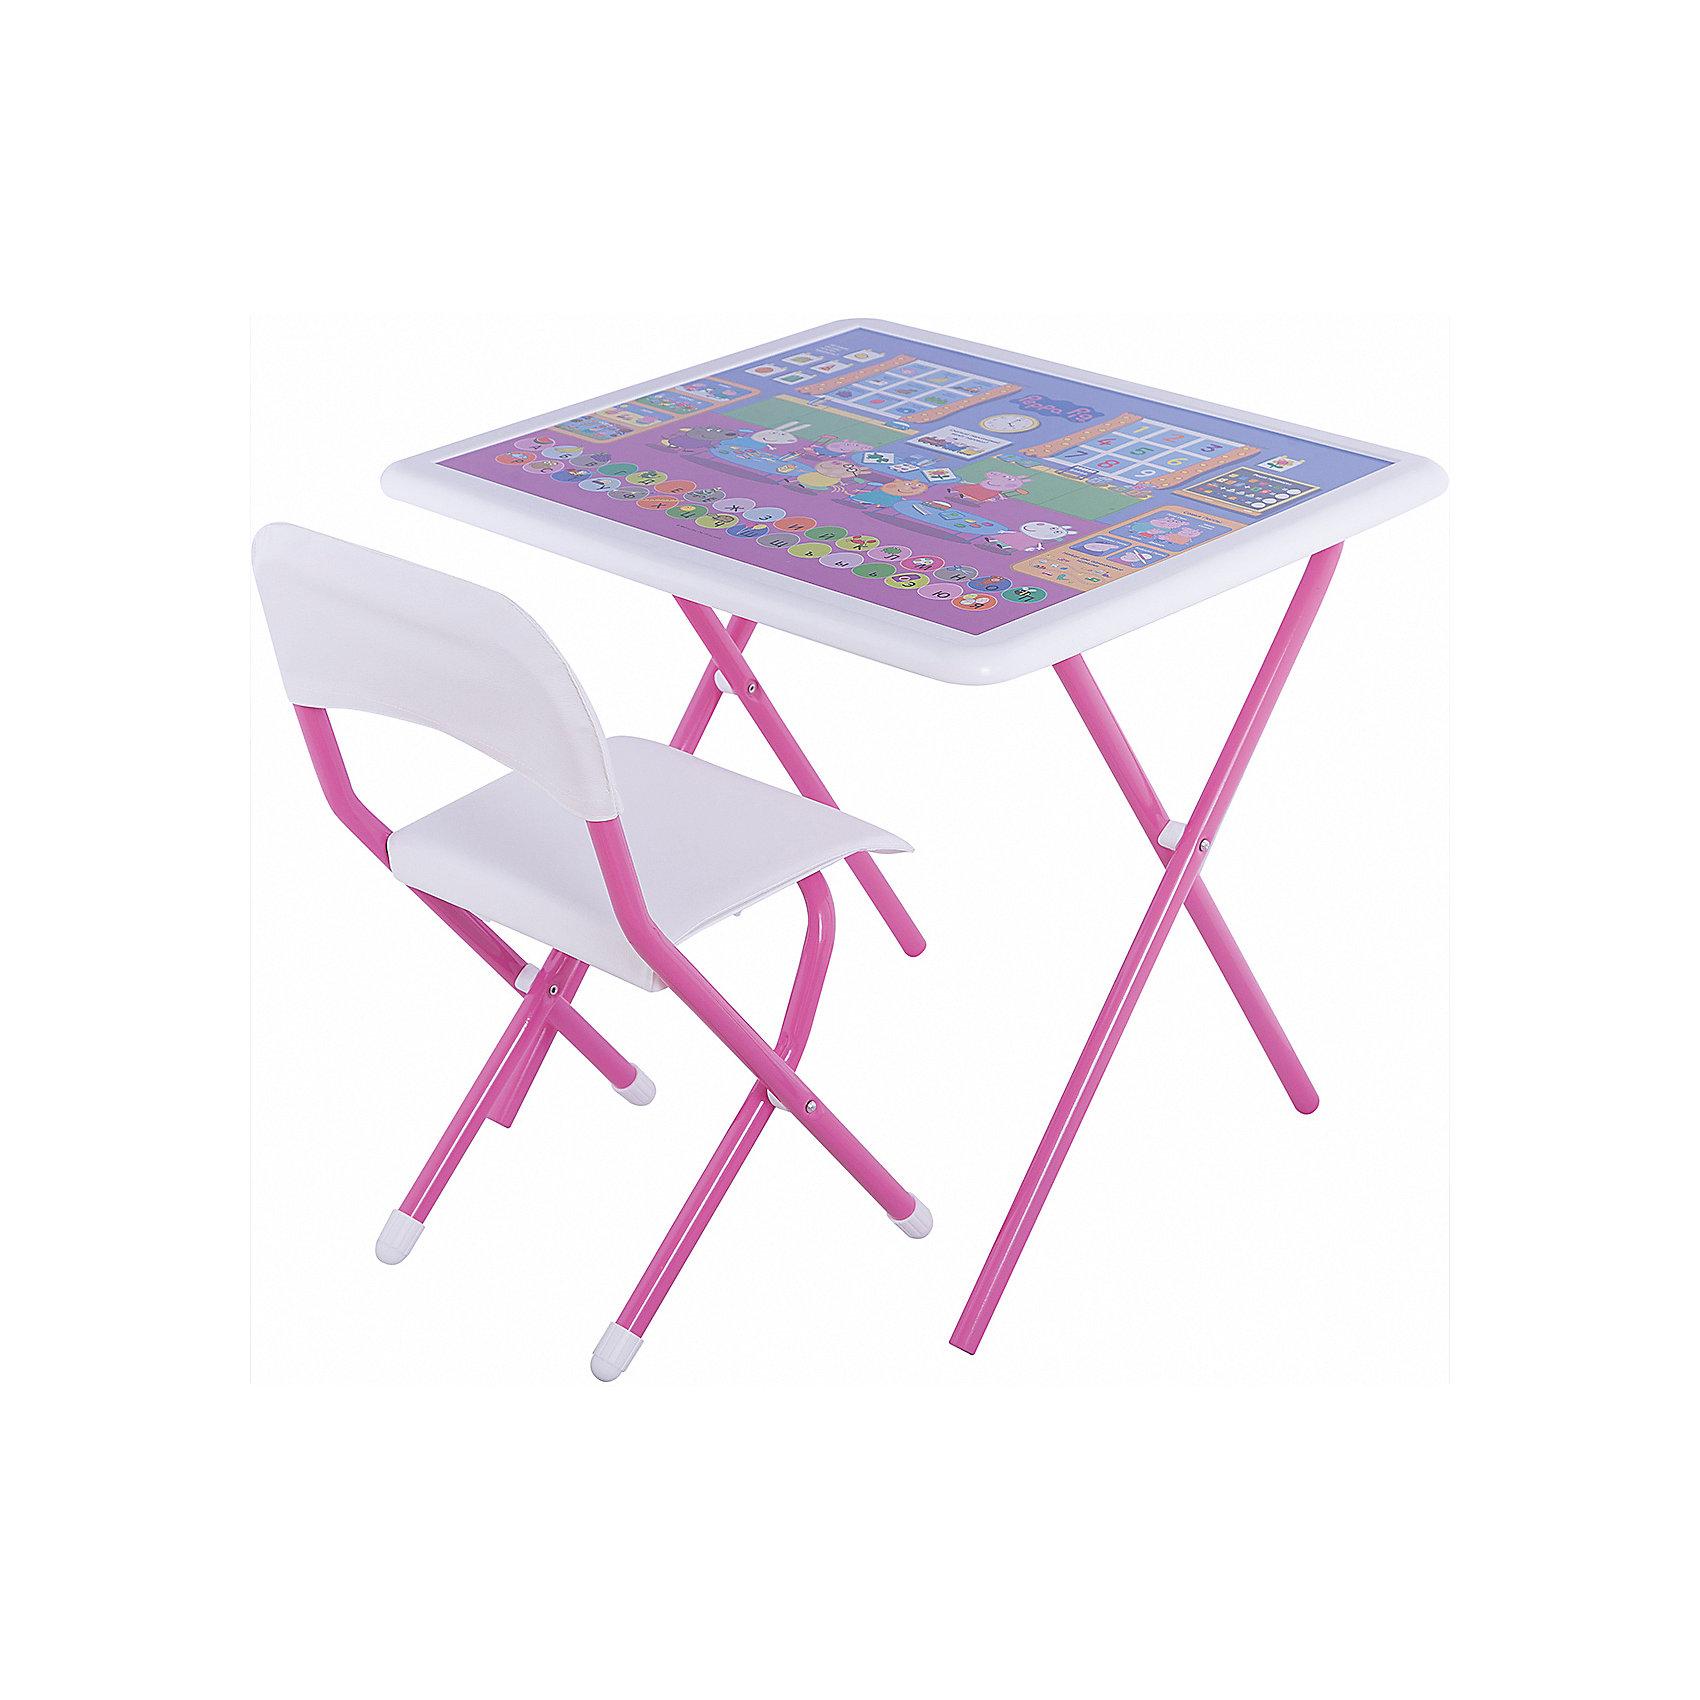 Набор складной мебели Свинка Пеппа, ДэмиДетские столы и стулья<br>Набор складной мебели Свинка Пеппа, Дэми.<br><br>Характеристики:<br><br>• Для детей в возрасте: от 3 до 7 лет<br>• В комплекте: складной стол и стульчик<br>• Материал: прочный пластик, металл, ЛДСП<br>• Цвет: белый, розовый<br>• Размер столешницы: 65х56 см.<br>• Высота стола: 58 см.<br>• Вес: 7 кг.<br><br>Комплект складной мебели 3 ростовой группы (для детей 3-7 лет) прекрасно впишется в интерьер любой детской. Стол, фактически, представляет собой 3 в 1: можно играть, можно есть, можно обучаться! На поверхность столешницы нанесены обучающие рисунки и любимые персонажи мультсериала Свинка Пеппа, а по периметру размещен безопасный бампер. Ваш ребенок выучит алфавит и цифры от 1 до 9, научится решать простые примеры, познакомится с цветами, временами года. Все материалы, используемые при изготовлении набора, соответствуют ГОСТам, и абсолютно безопасны для здоровья Вашего малыша. Рабочая поверхность стола, сиденье и спинка стула сделаны из прочной пластмассы, края закруглены. Устойчивые металлические ножки имеют пластмассовые заглушки. Кроме этого, за мебелью очень легко ухаживать. Вы сможете приучать ребенка к порядку с самых ранних лет. Детям наверняка очень понравится этот комплект - настоящий детский рабочий кабинет, а родители, несомненно, оценят его компактность.<br><br>Набор складной мебели Свинка Пеппа, Дэми можно купить в нашем интернет-магазине.<br><br>Ширина мм: 770<br>Глубина мм: 740<br>Высота мм: 140<br>Вес г: 8000<br>Возраст от месяцев: 36<br>Возраст до месяцев: 84<br>Пол: Унисекс<br>Возраст: Детский<br>SKU: 5569670